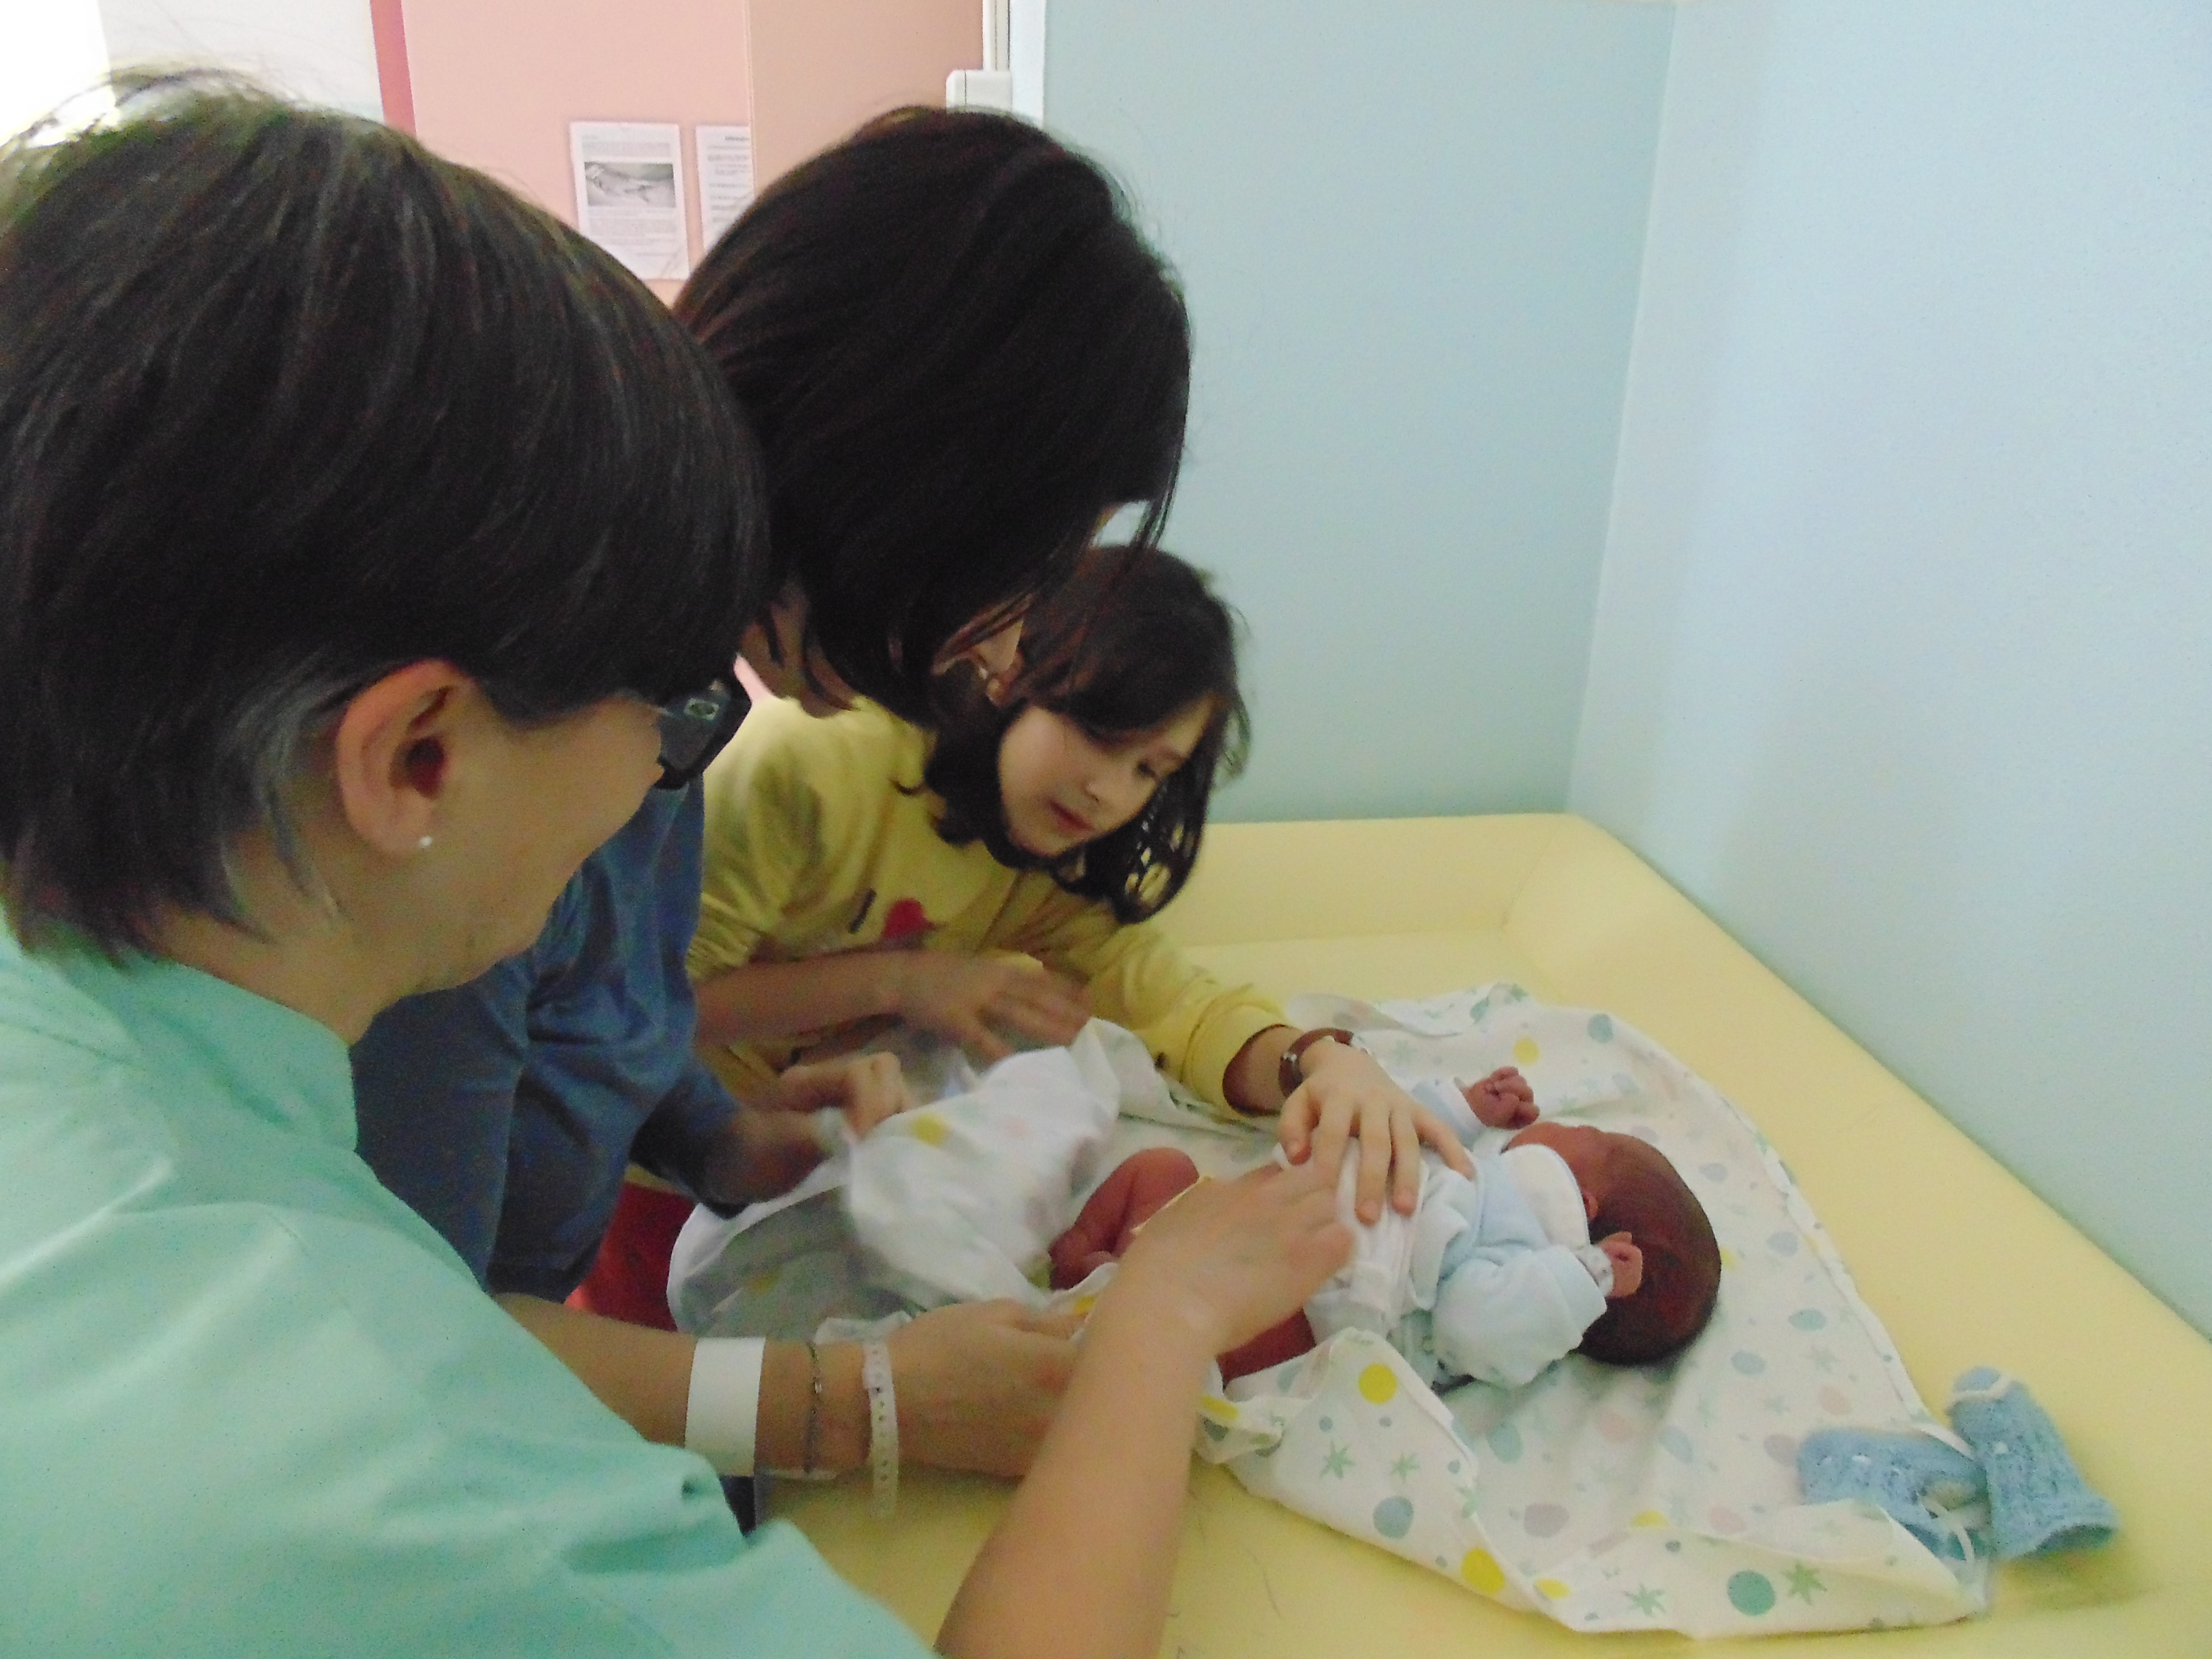 cambio pannolino ospedale S. Chiara